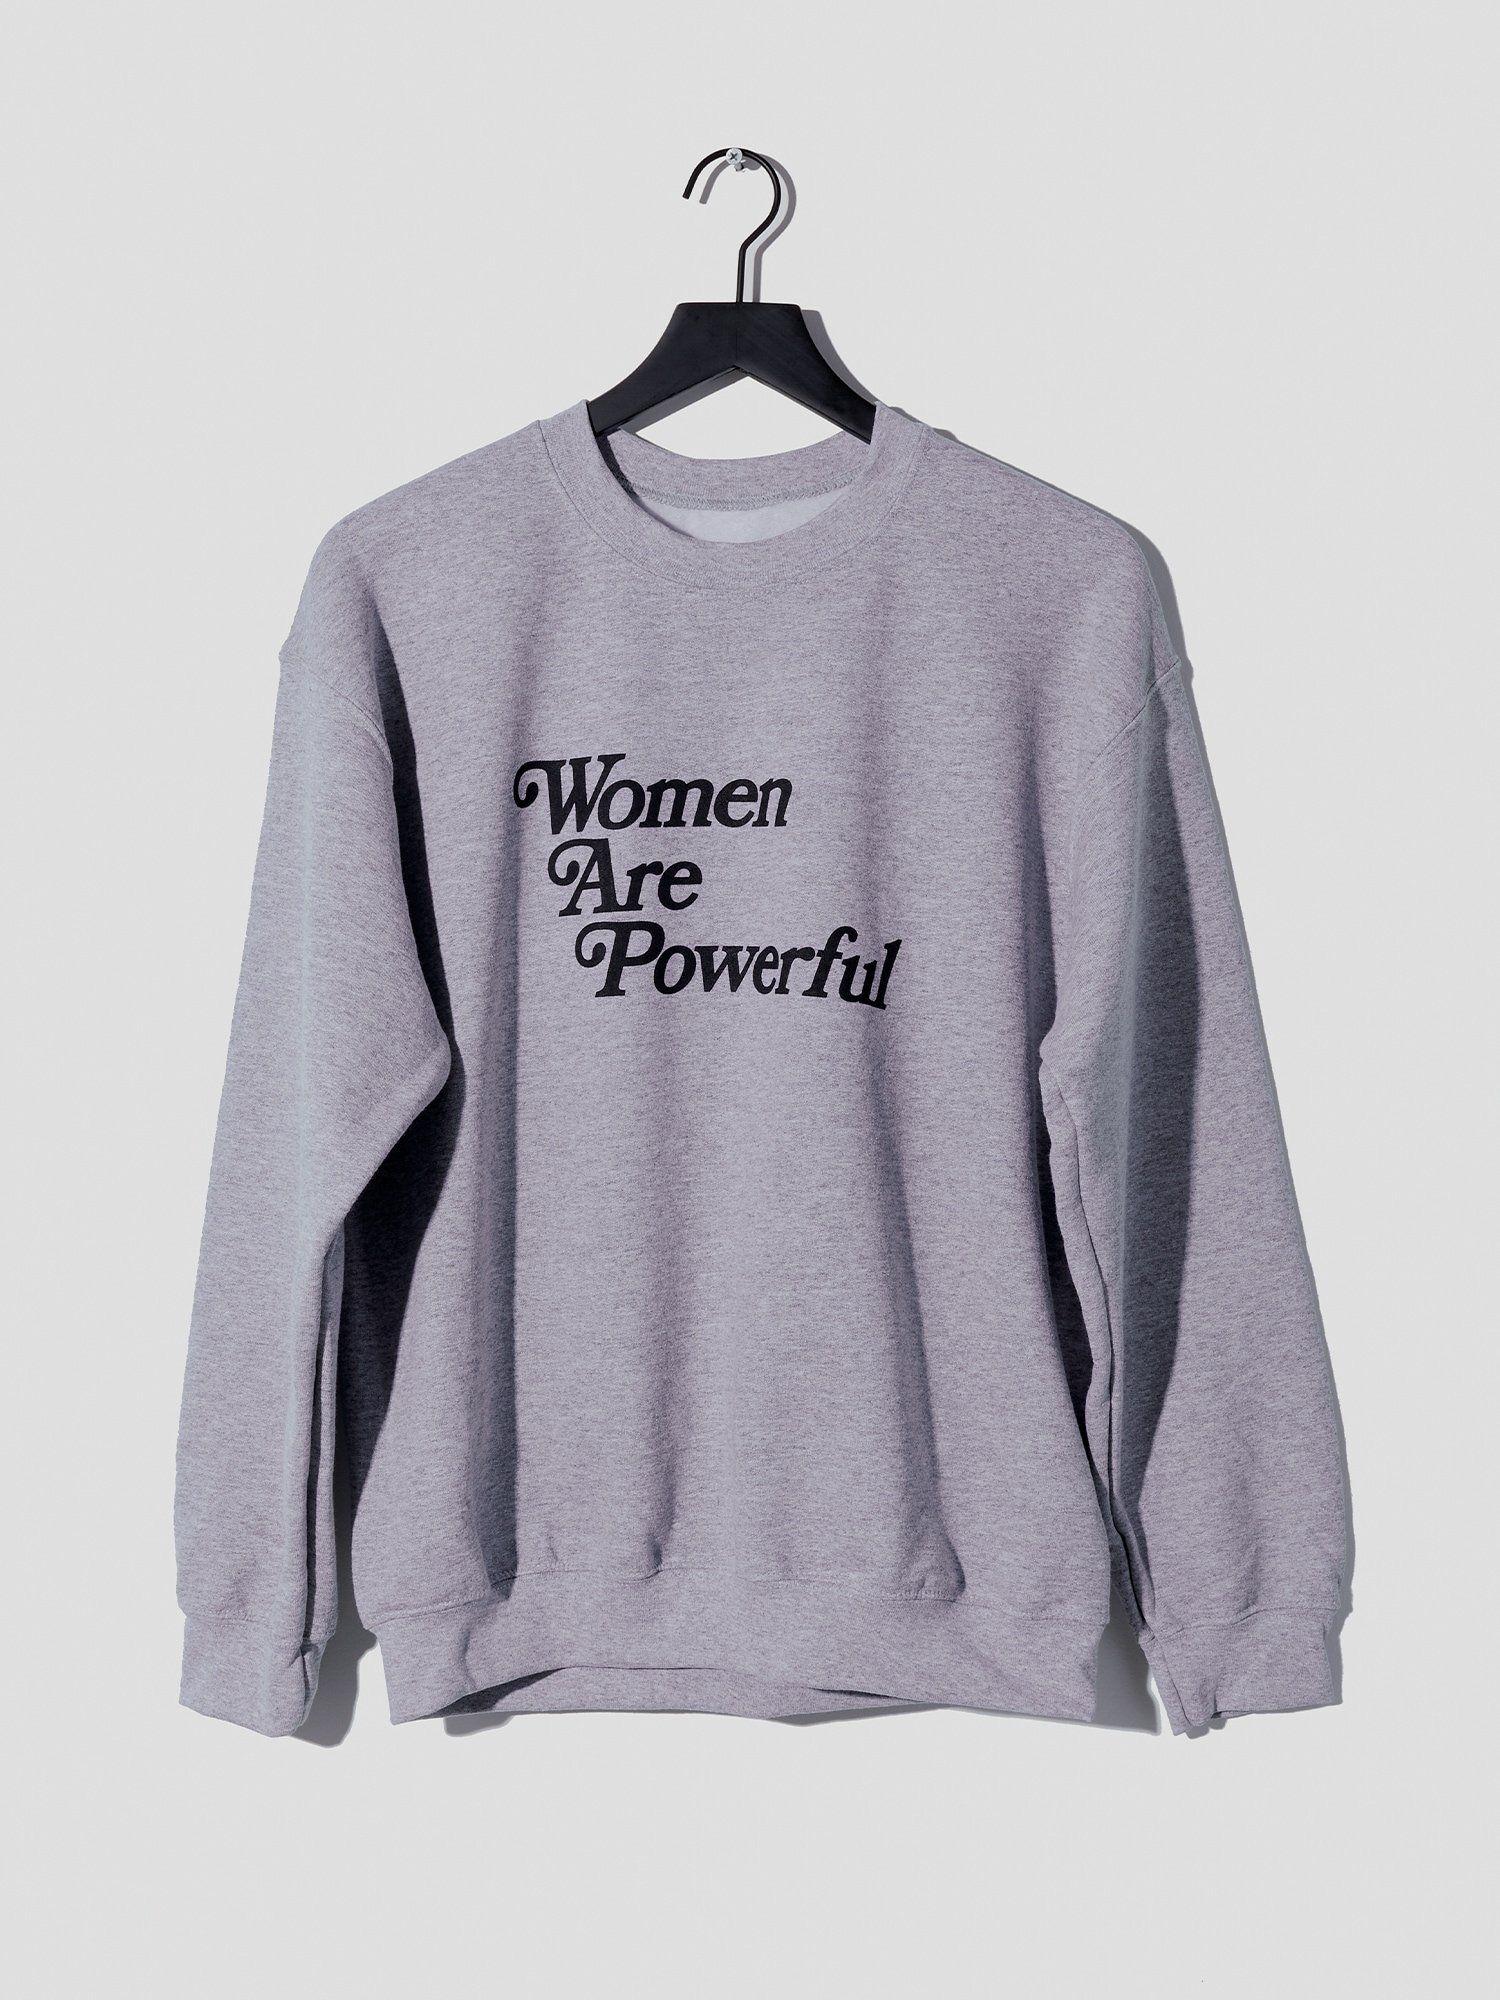 Women Are Powerful Sweatshirt in Gray Jersey – S